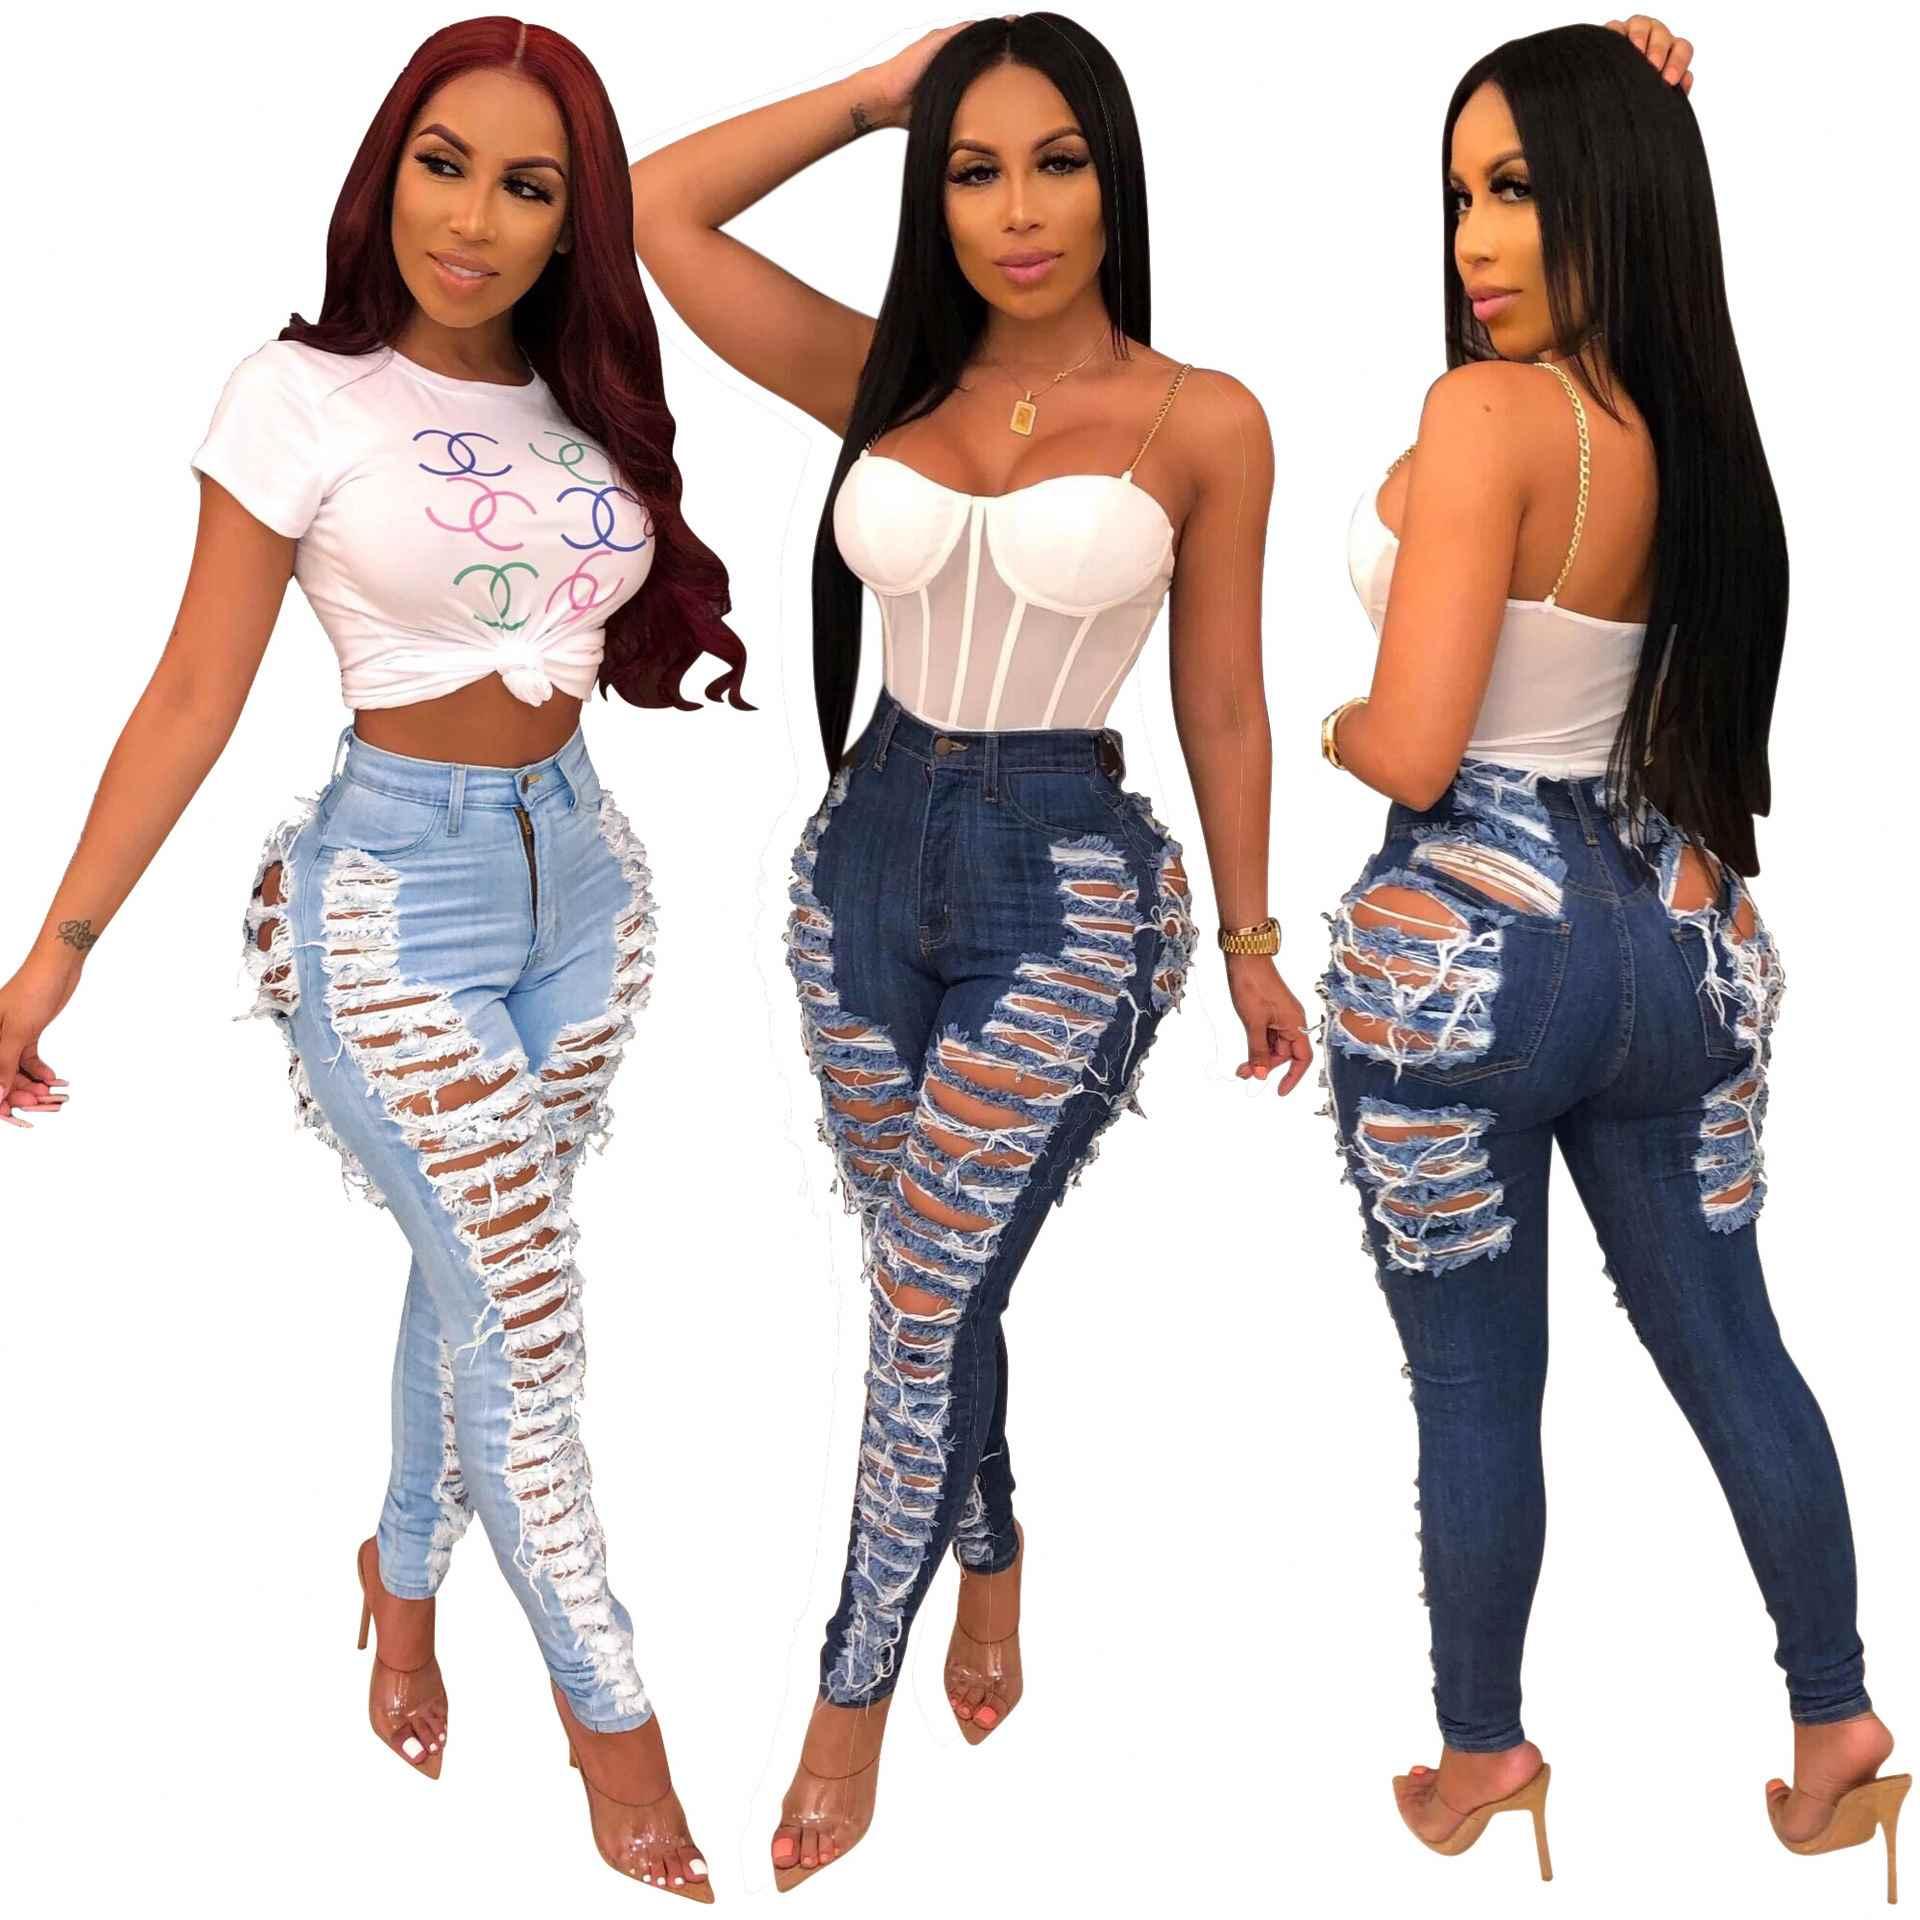 Pantalones Vaqueros Elasticos Ajustados Para Mujer Pantalon De Pierna Pequena Sexy Para Antes Y Despues Del Agujero Buy Jeans Mujer Pantalones Jeans De Mujer Product On Alibaba Com